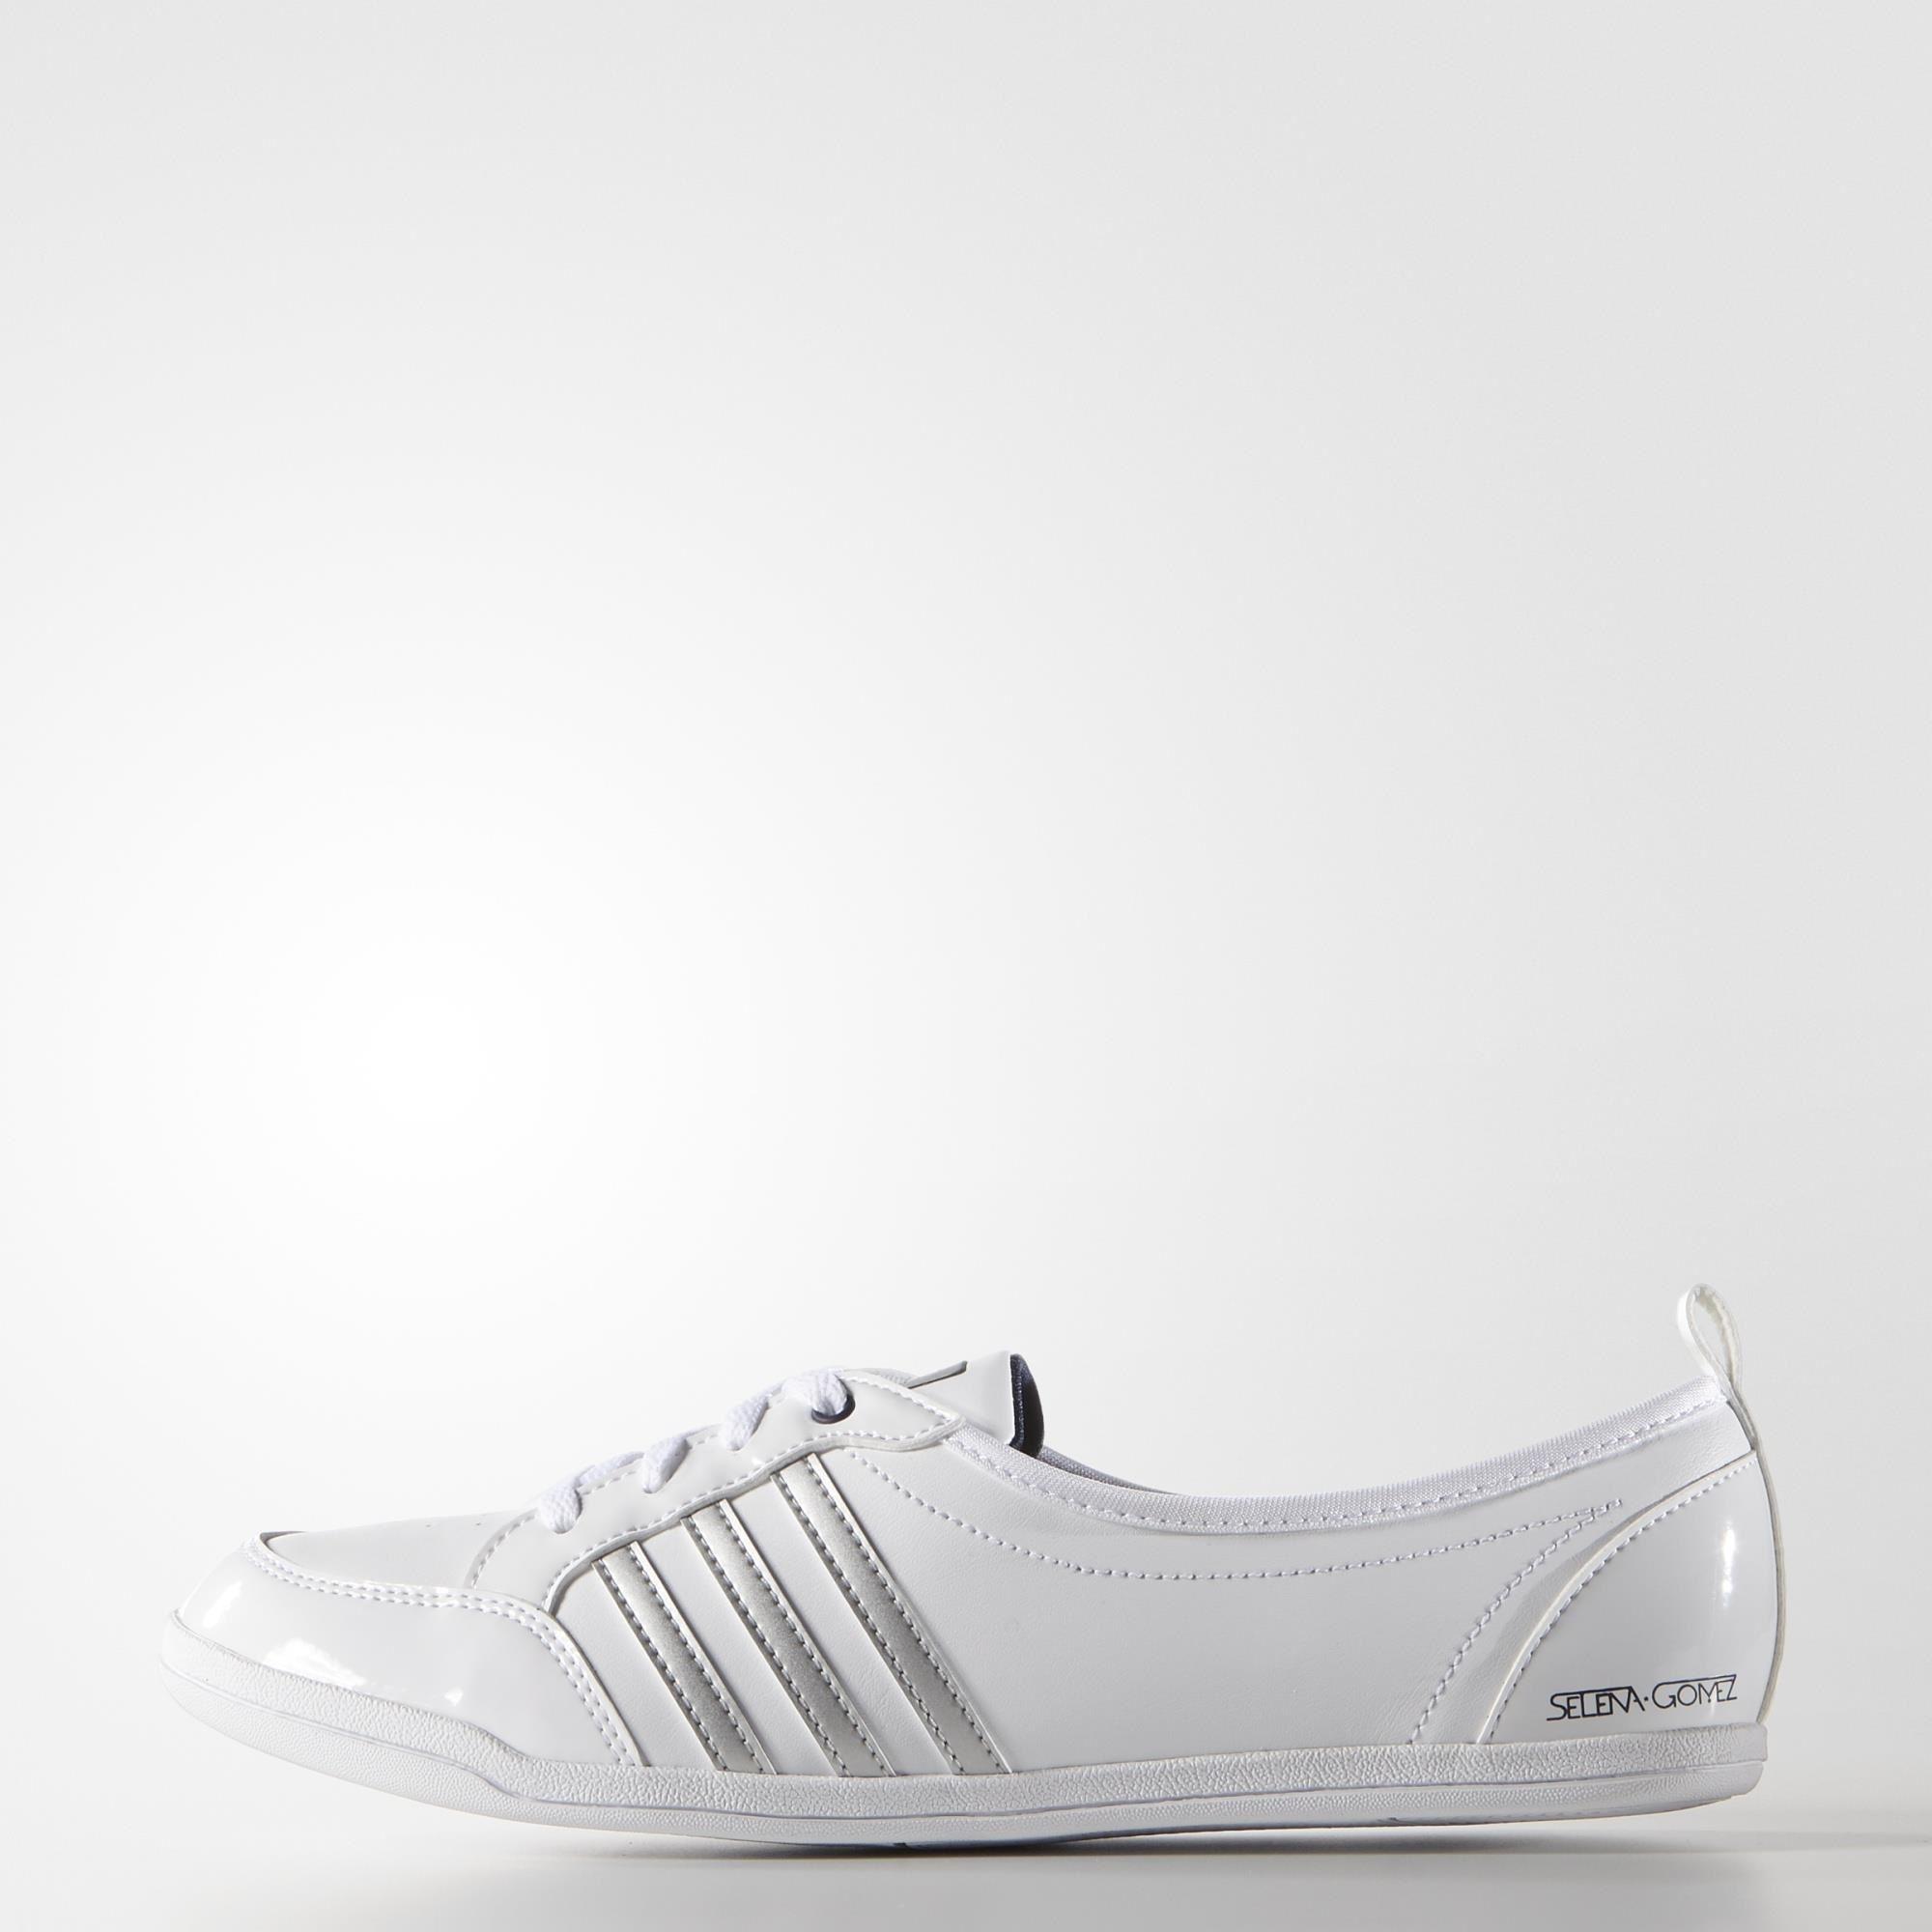 551a154795 Acheter chaussure adidas piona original pas cher ici en ligne avec le prix  le plus bas possible. Remises spéciales sur les nouvelles offres 2018.